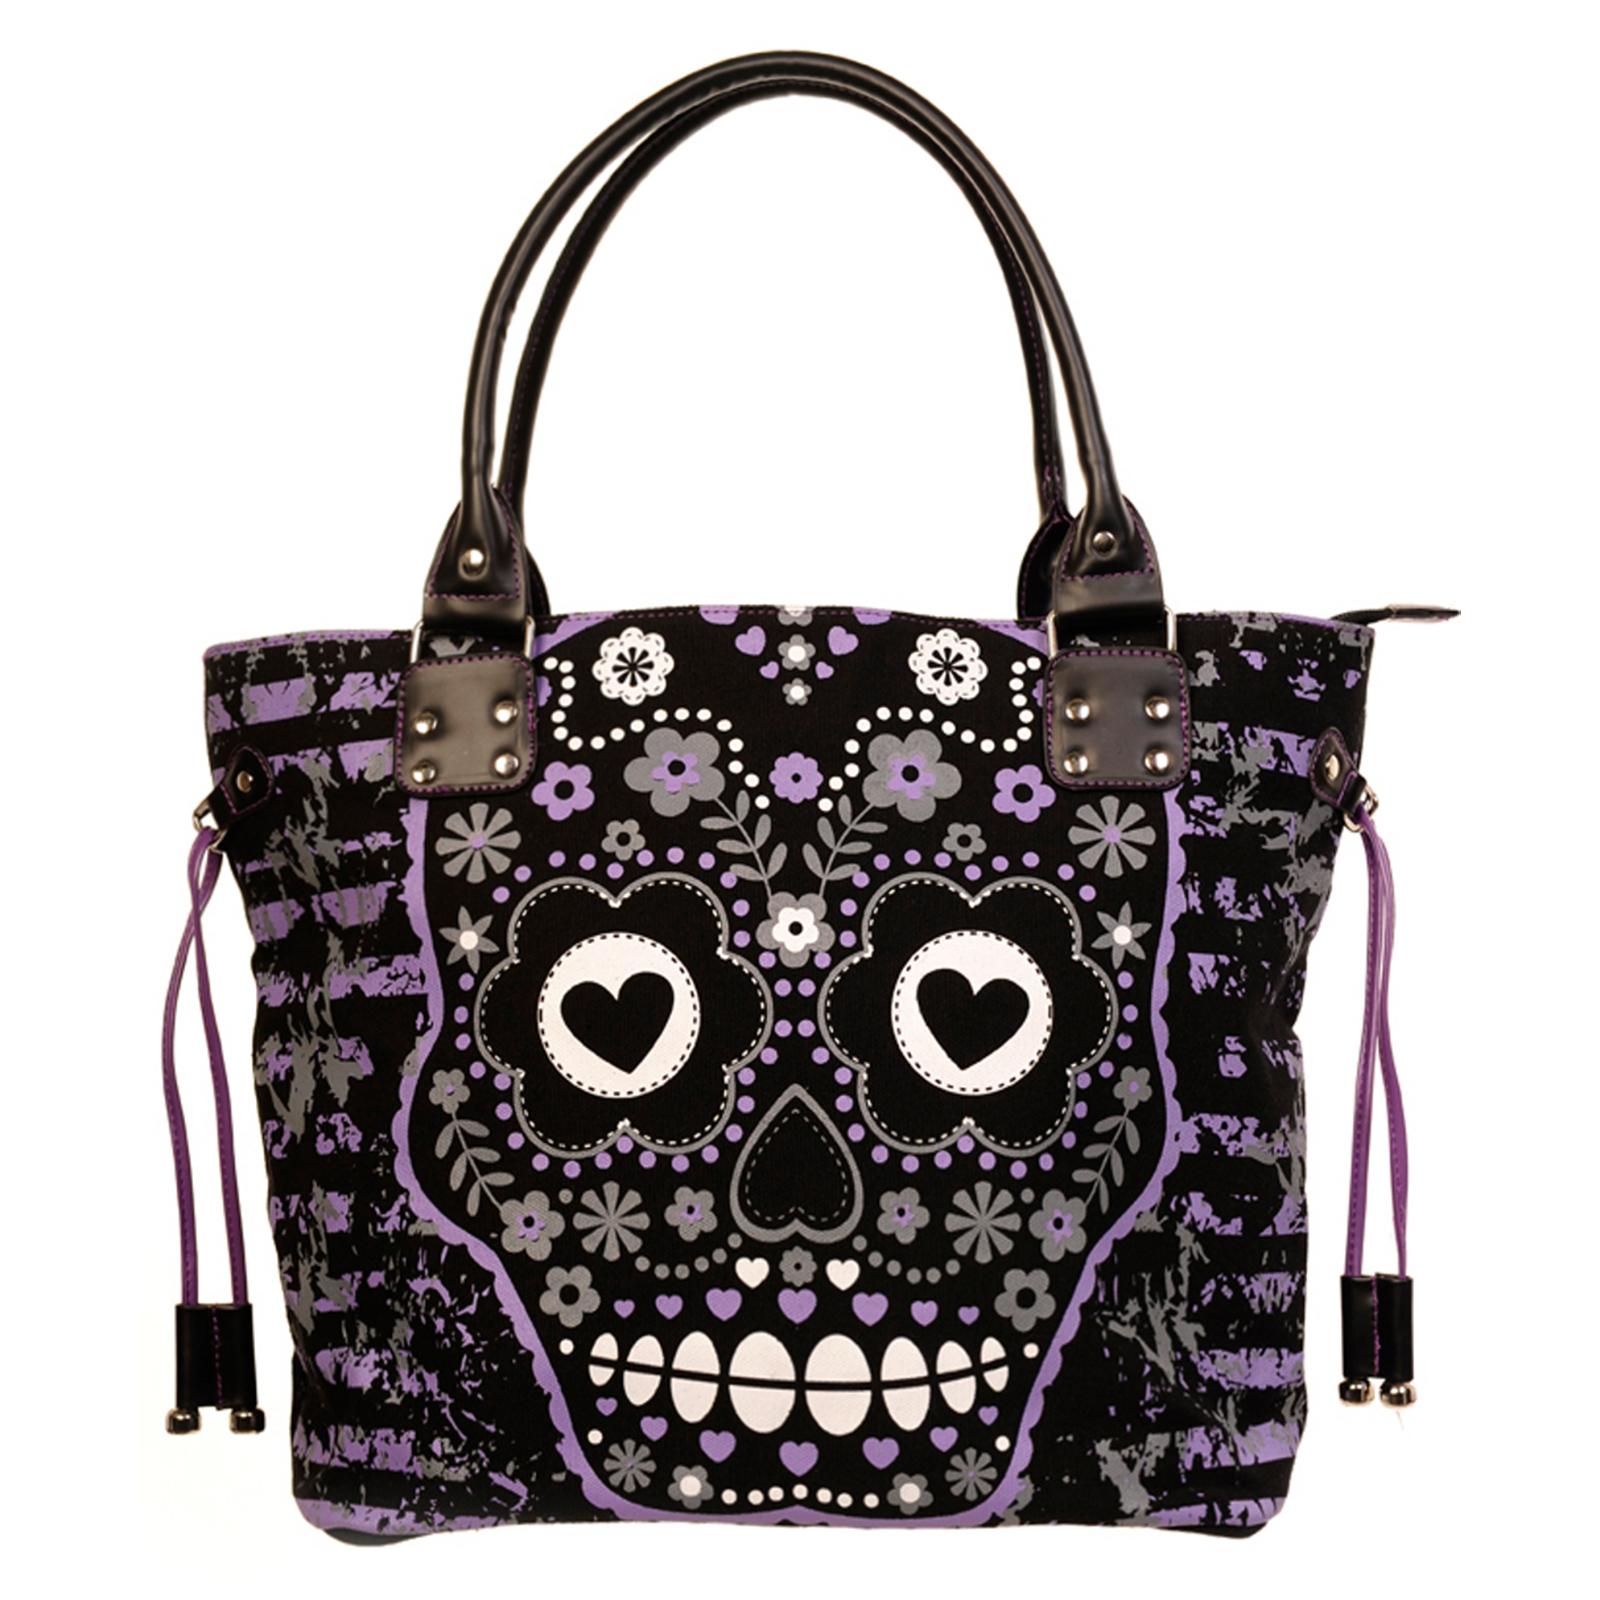 Banned Purple Sugar Skull Handbag